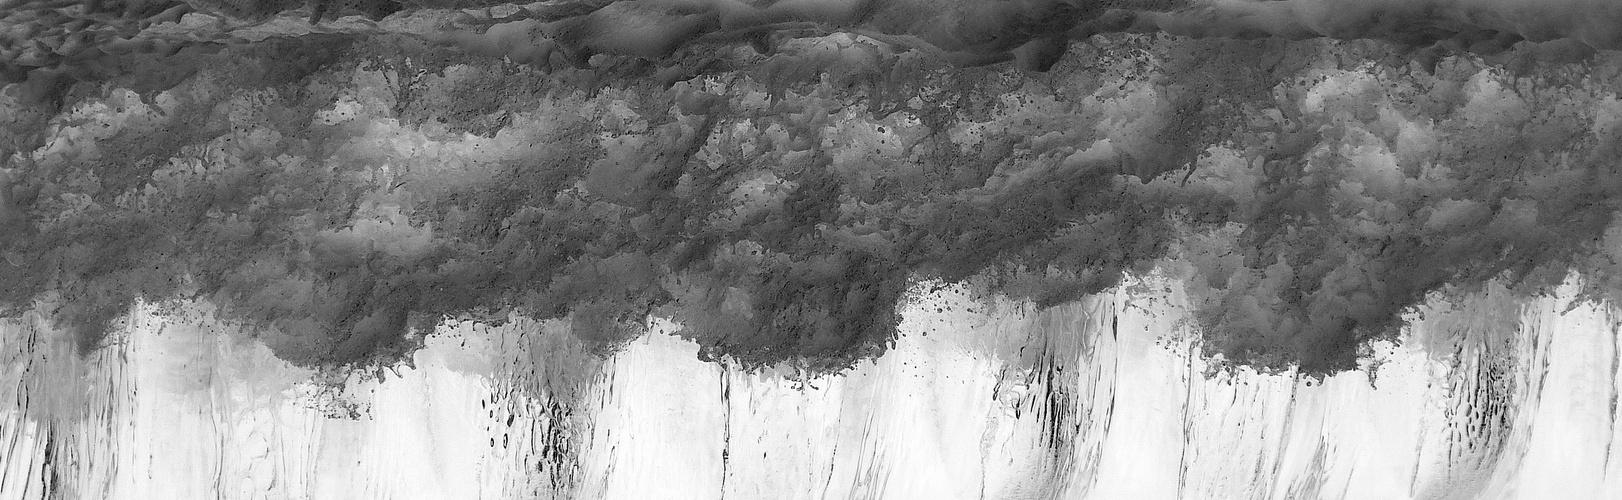 Regenwolken ... oder was?